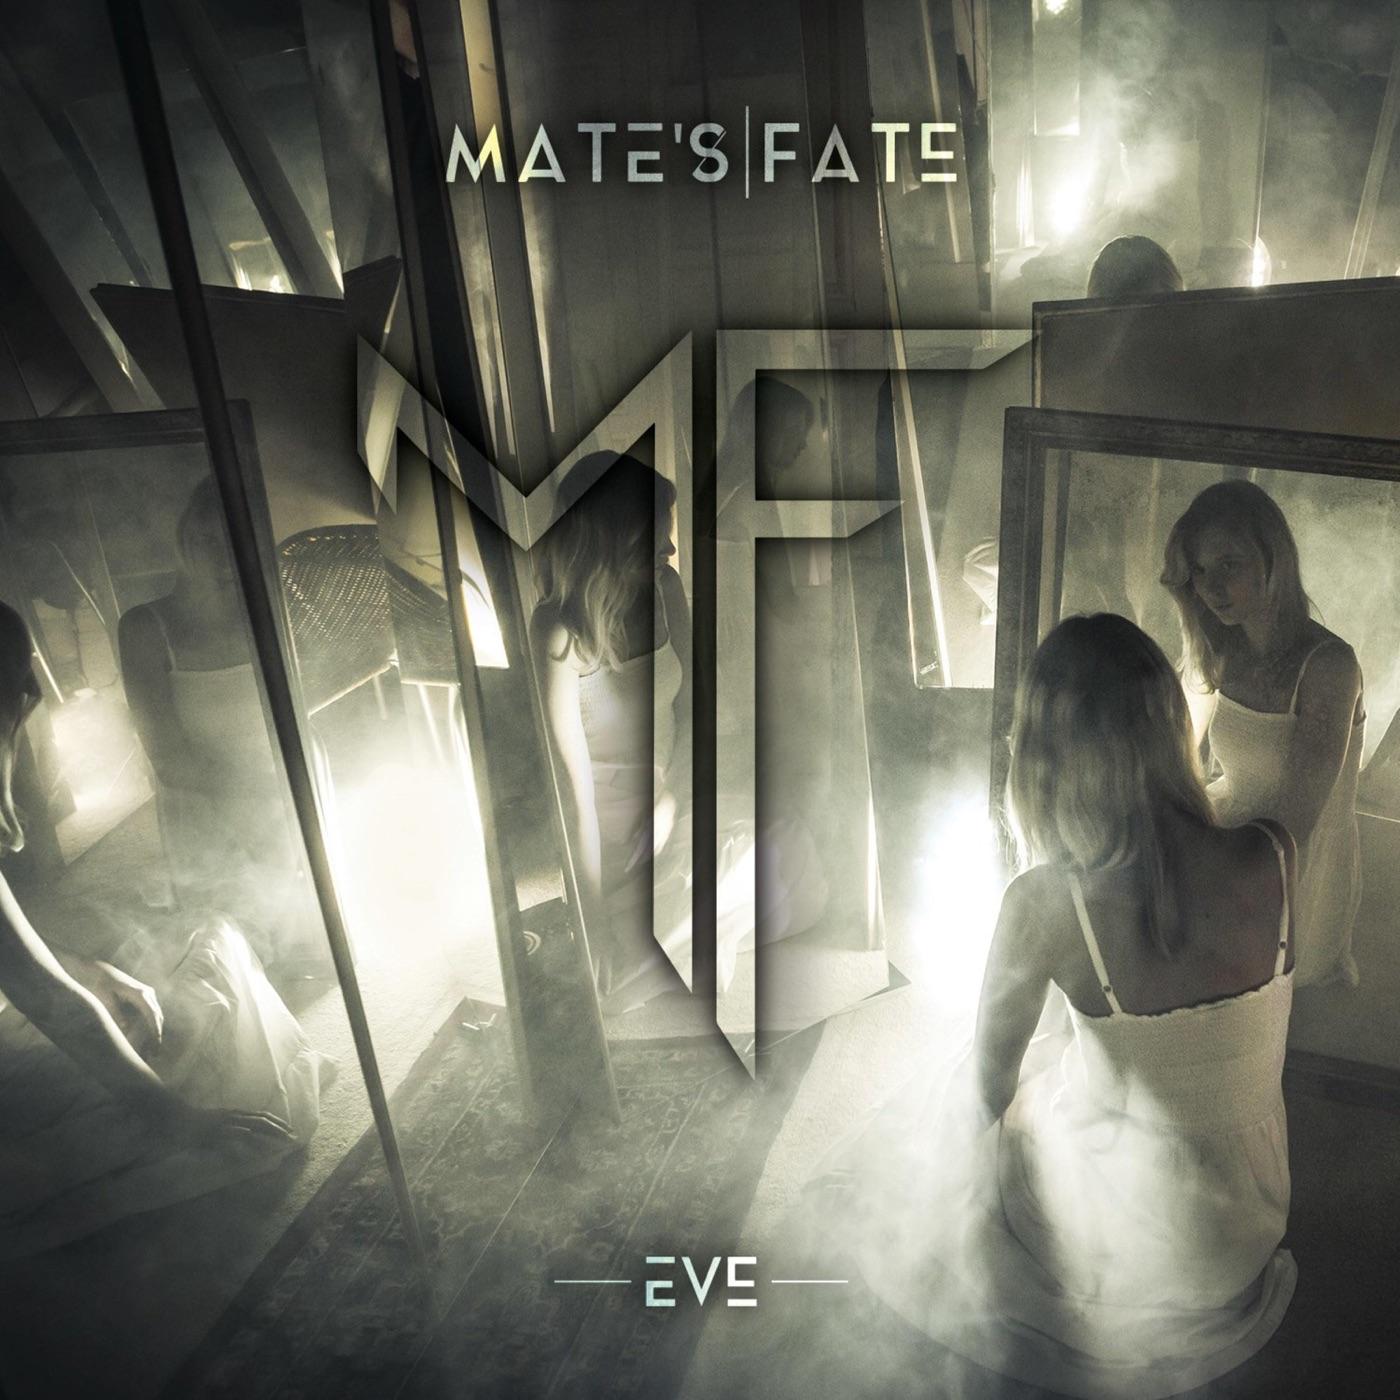 Mate's Fate - Eve (2018)